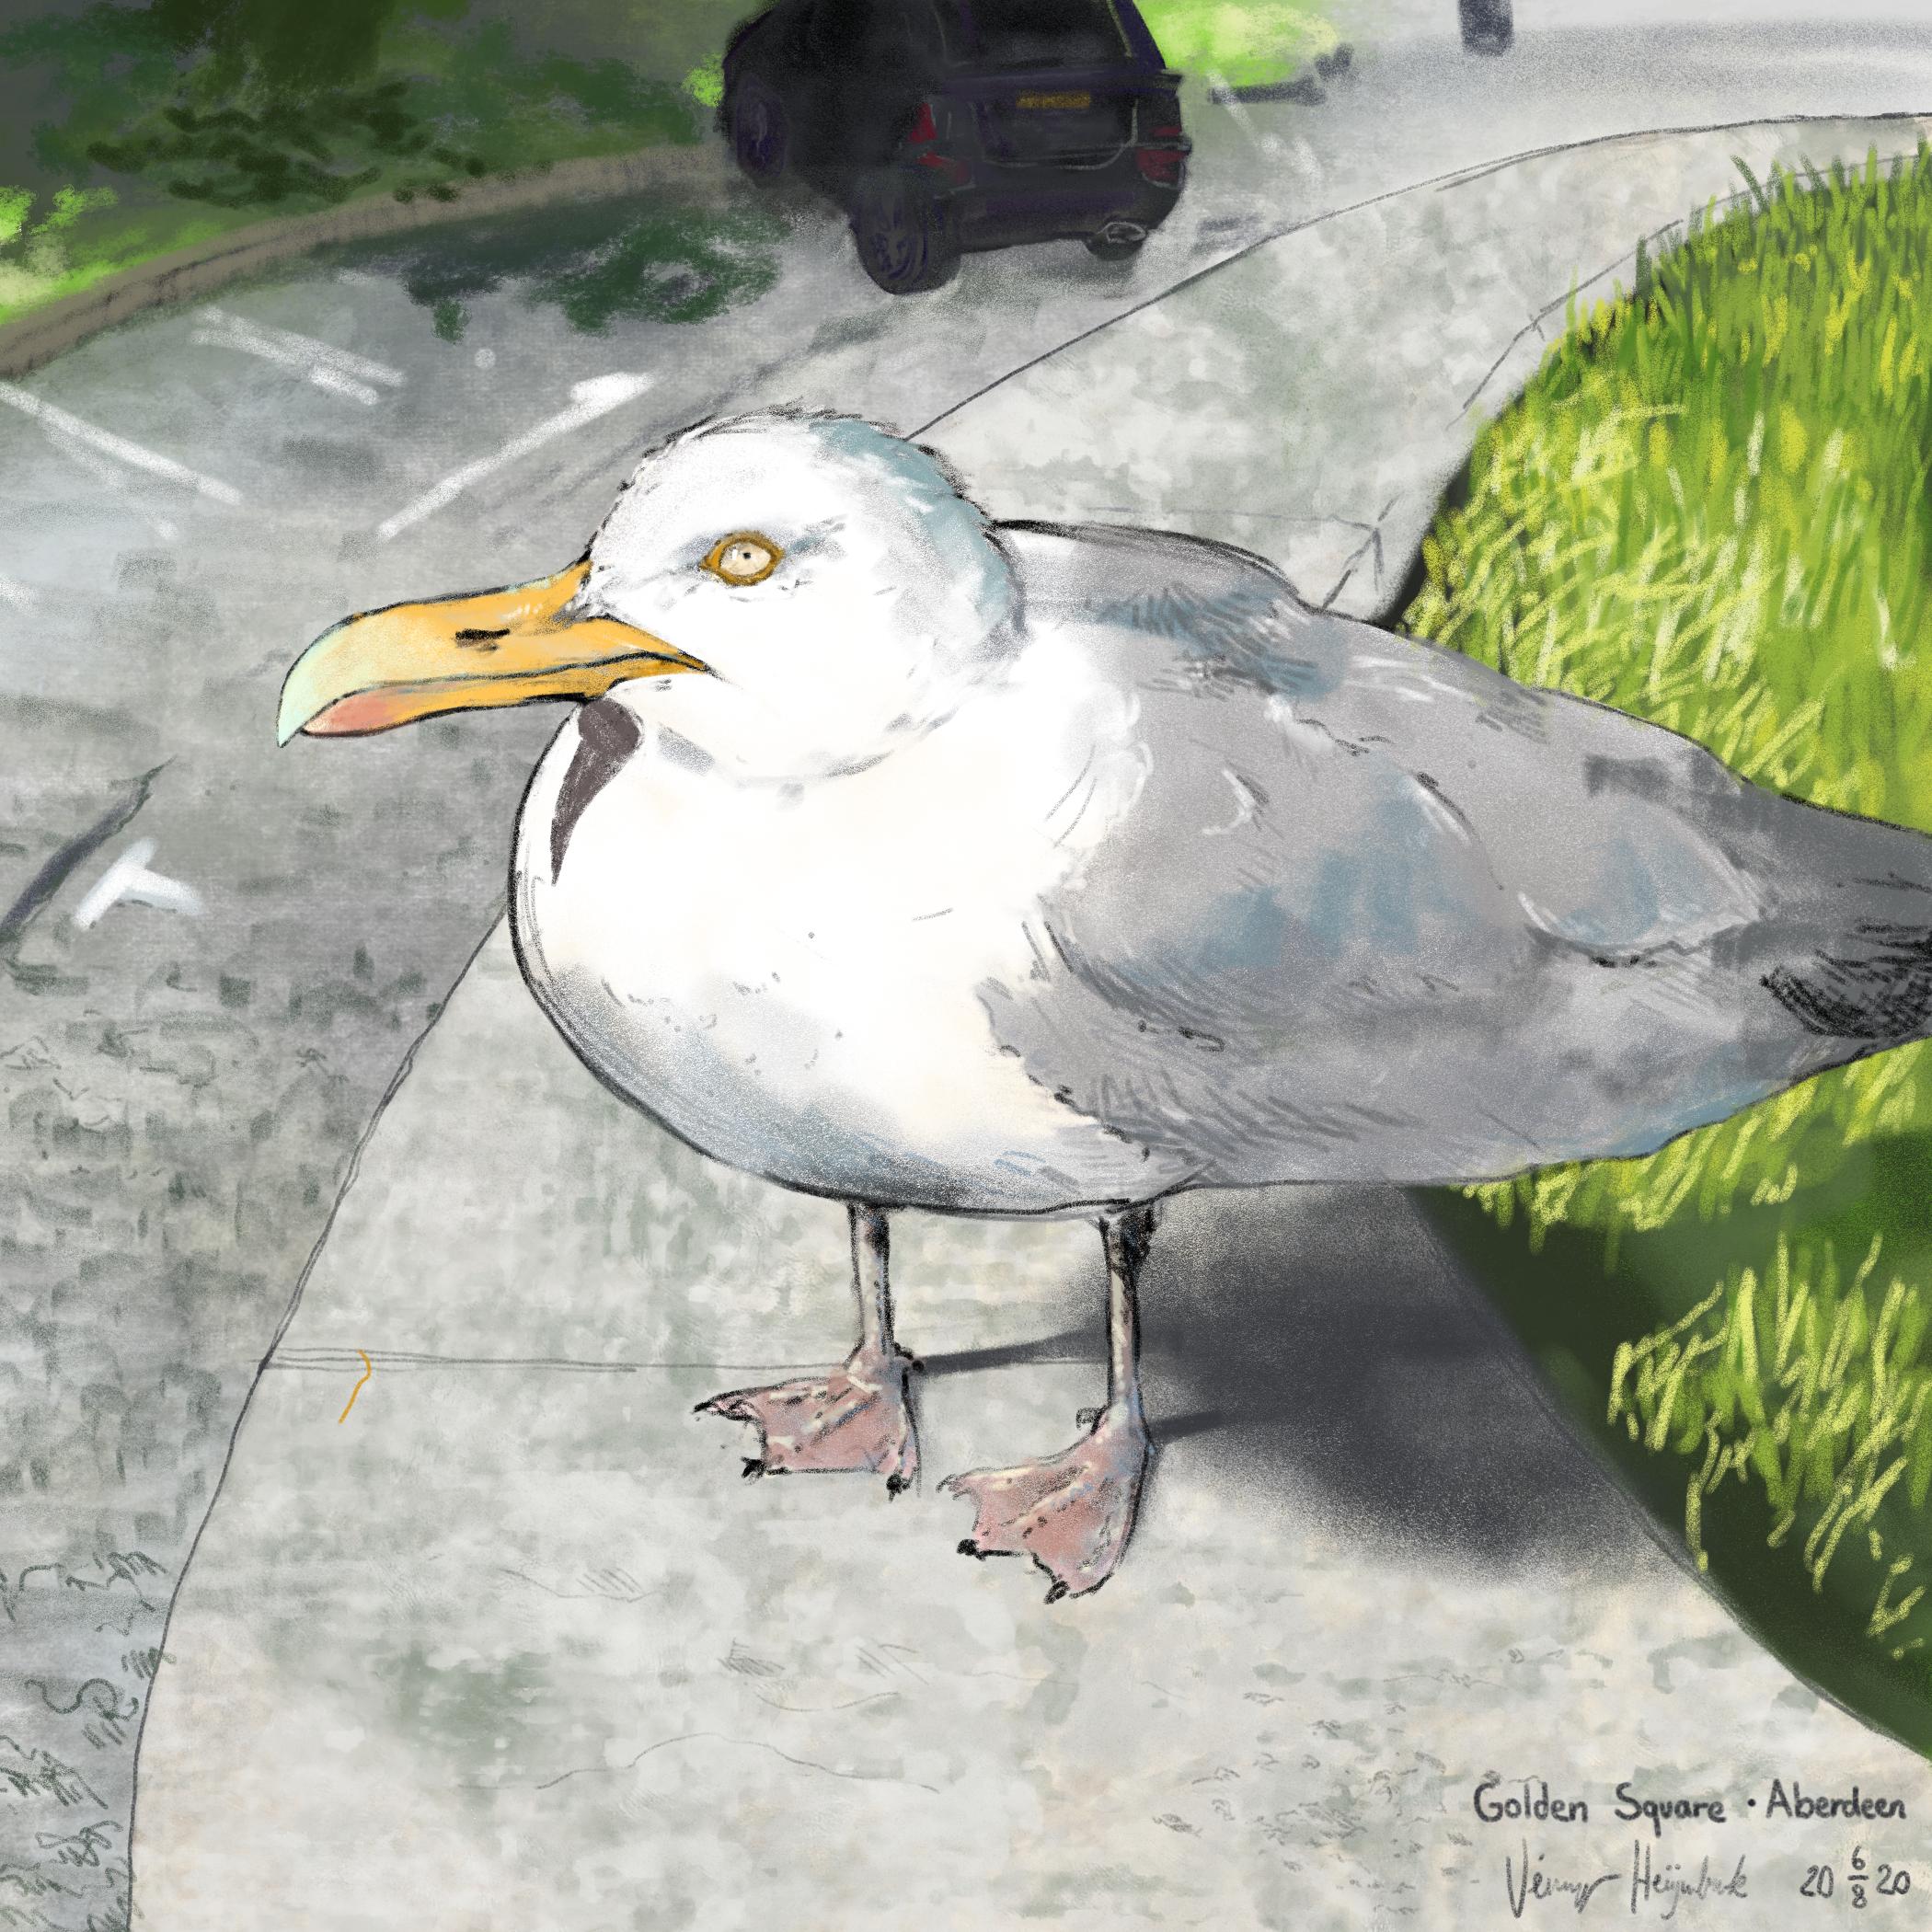 The Gull, Golden Square, Aberdeen, Scotland